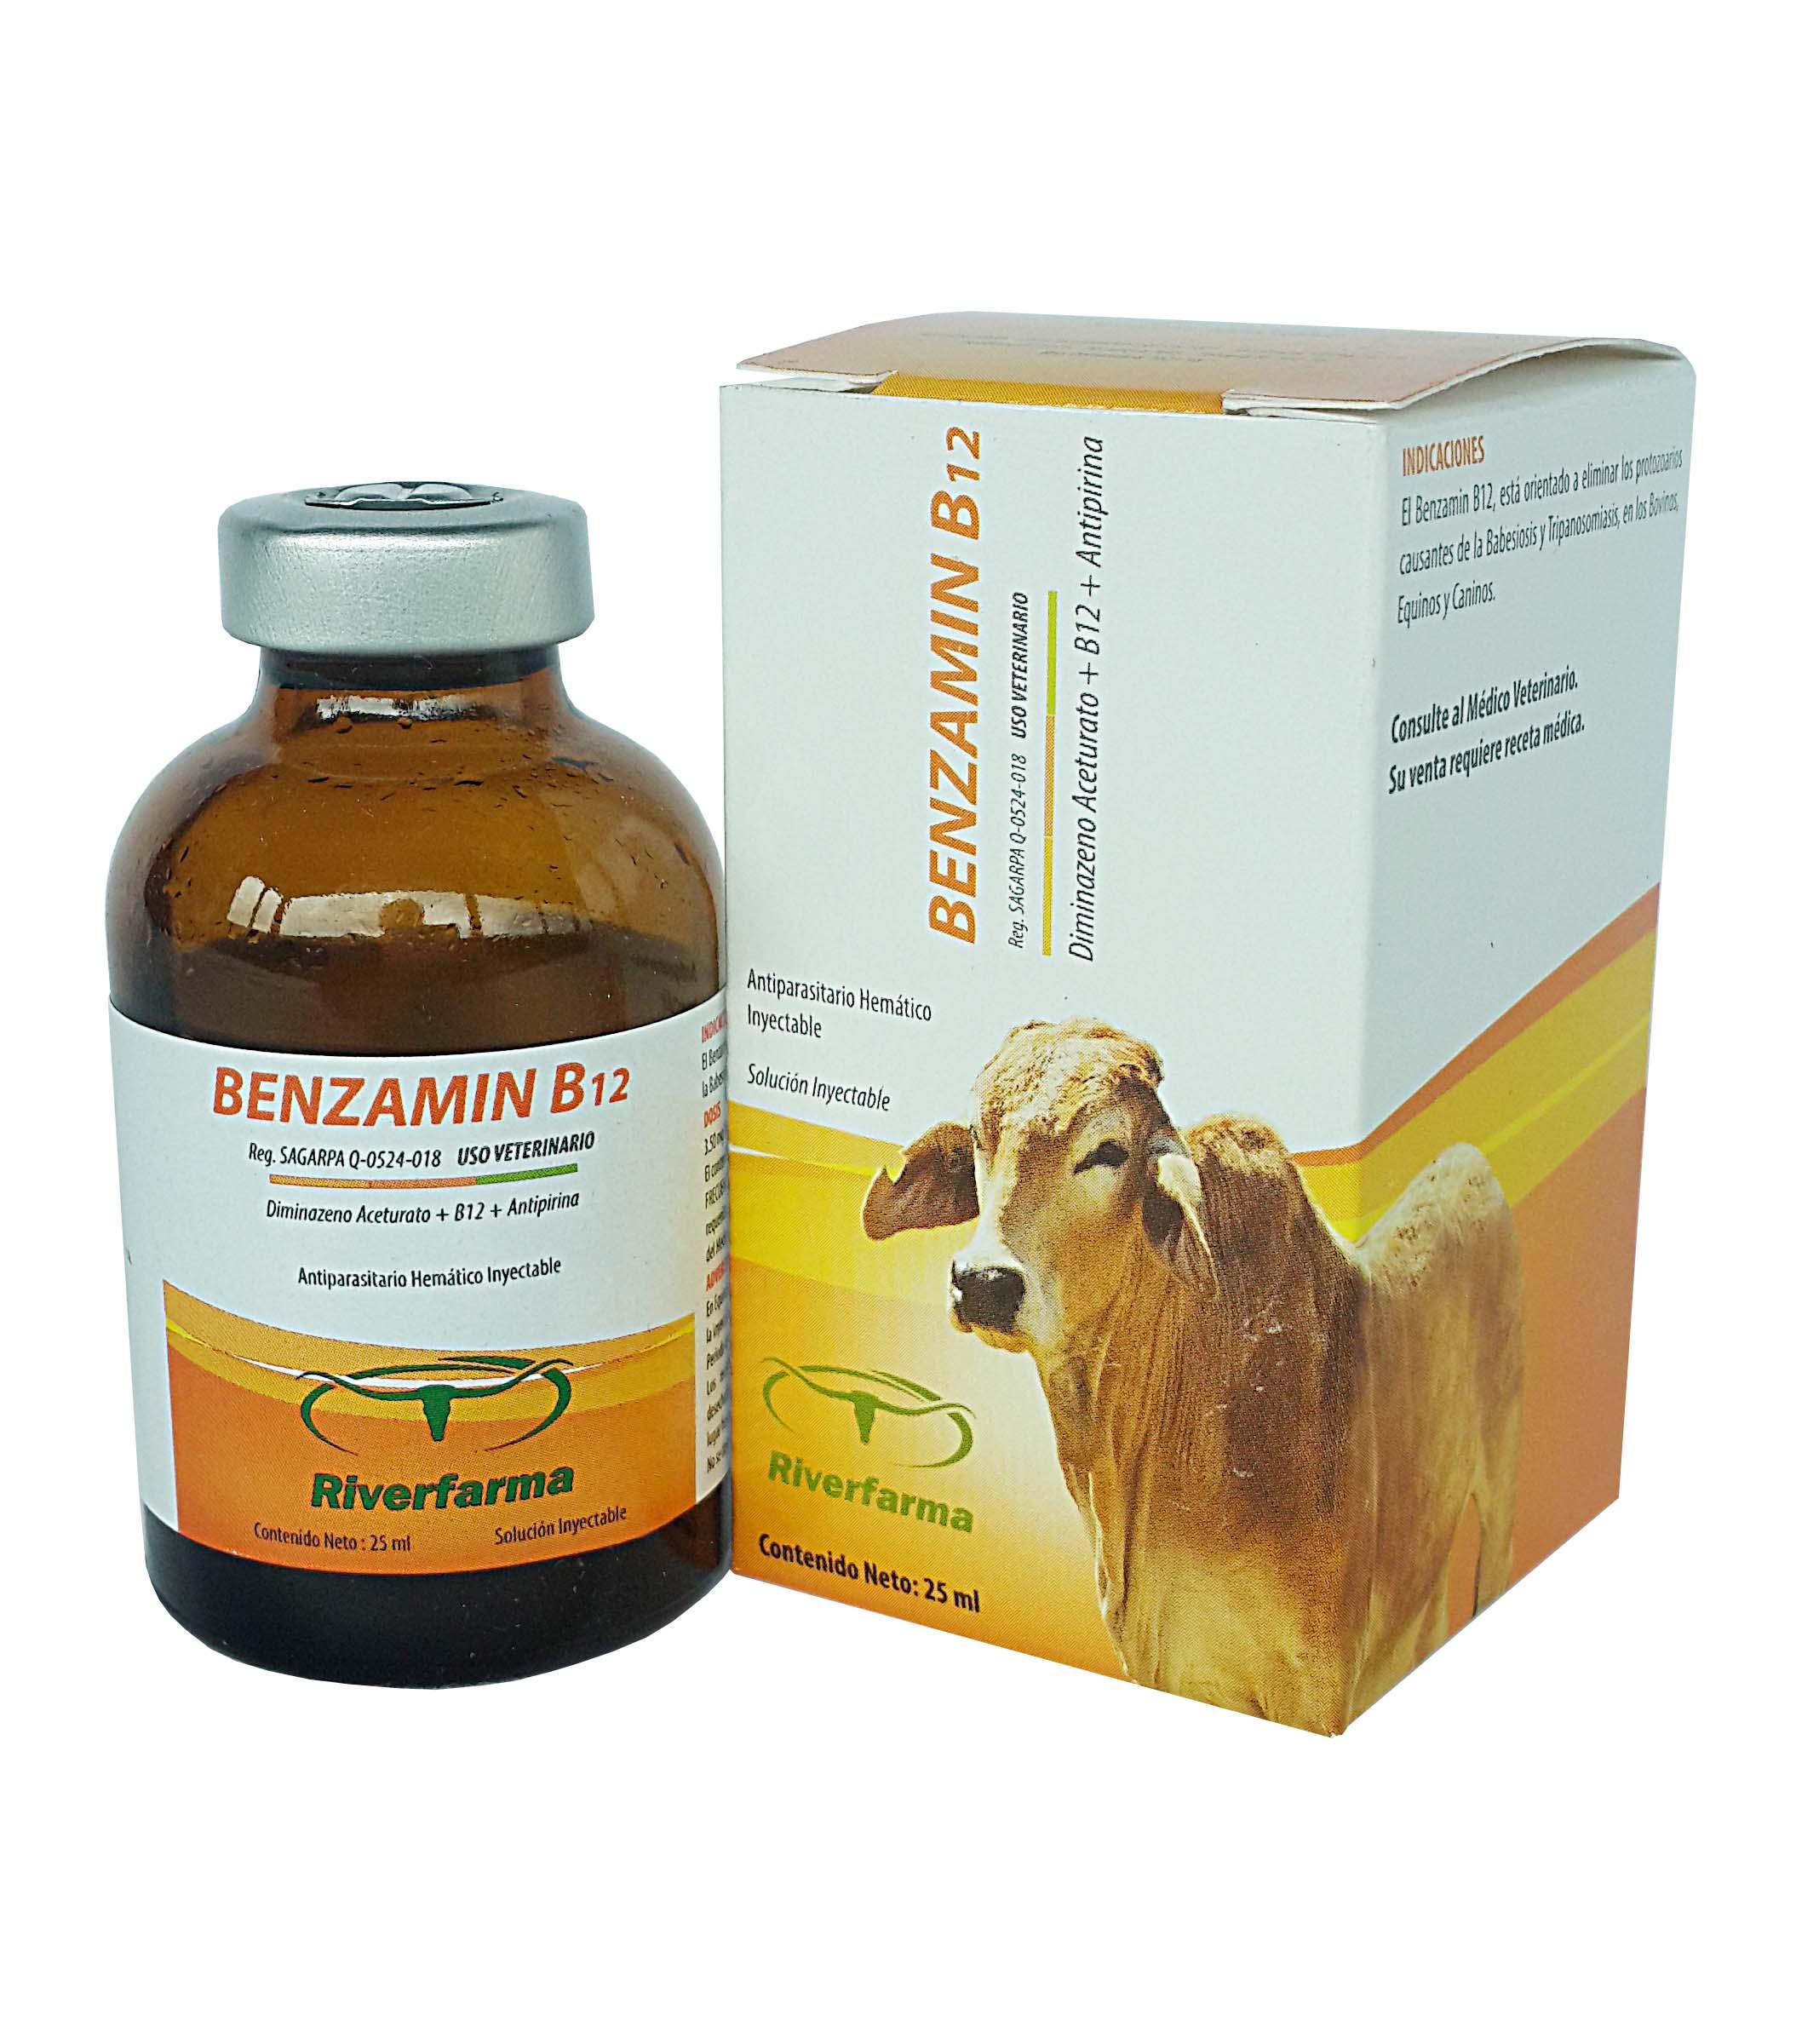 Benzamin B12